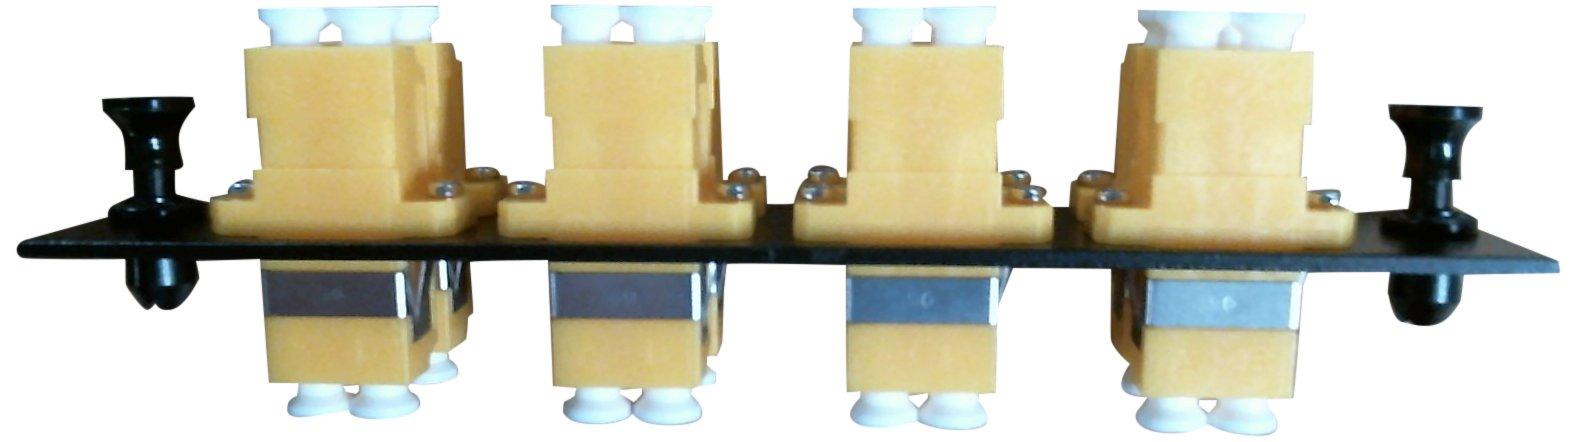 Hubbell HUBFSPLCDM8Y Adapter Panel, 16-Fiber, 8 LC Duplex, Phosphor Bronze, Yellow